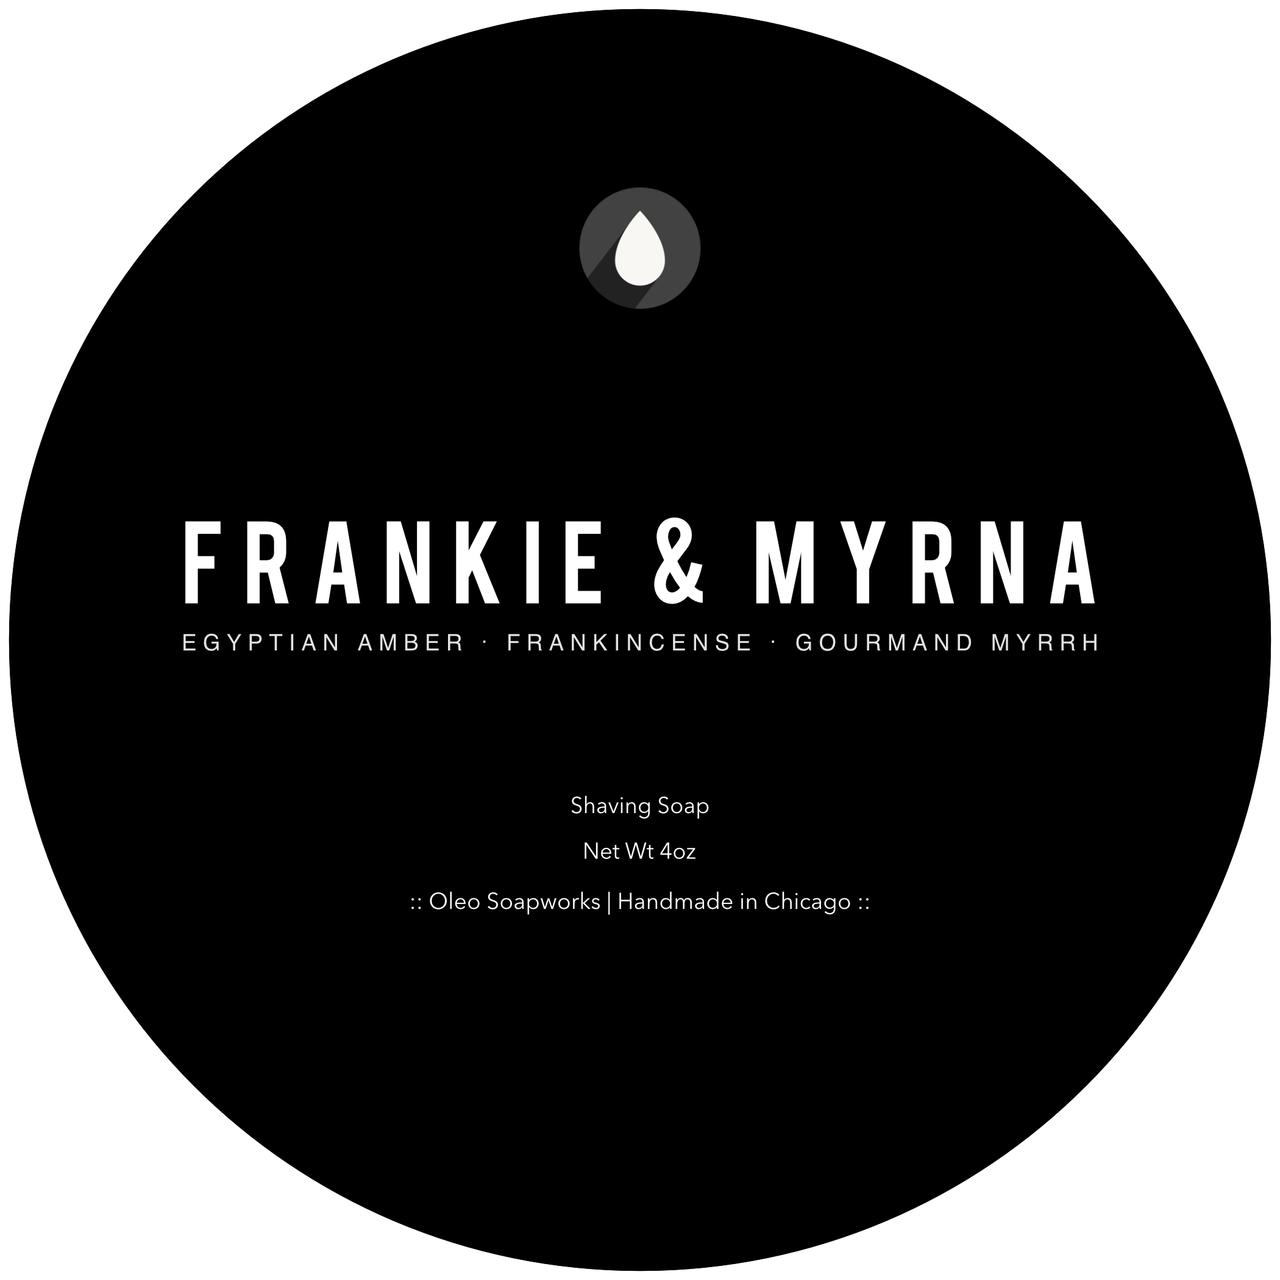 Oleo Soapworks - Frankie & Myrna - Soap image